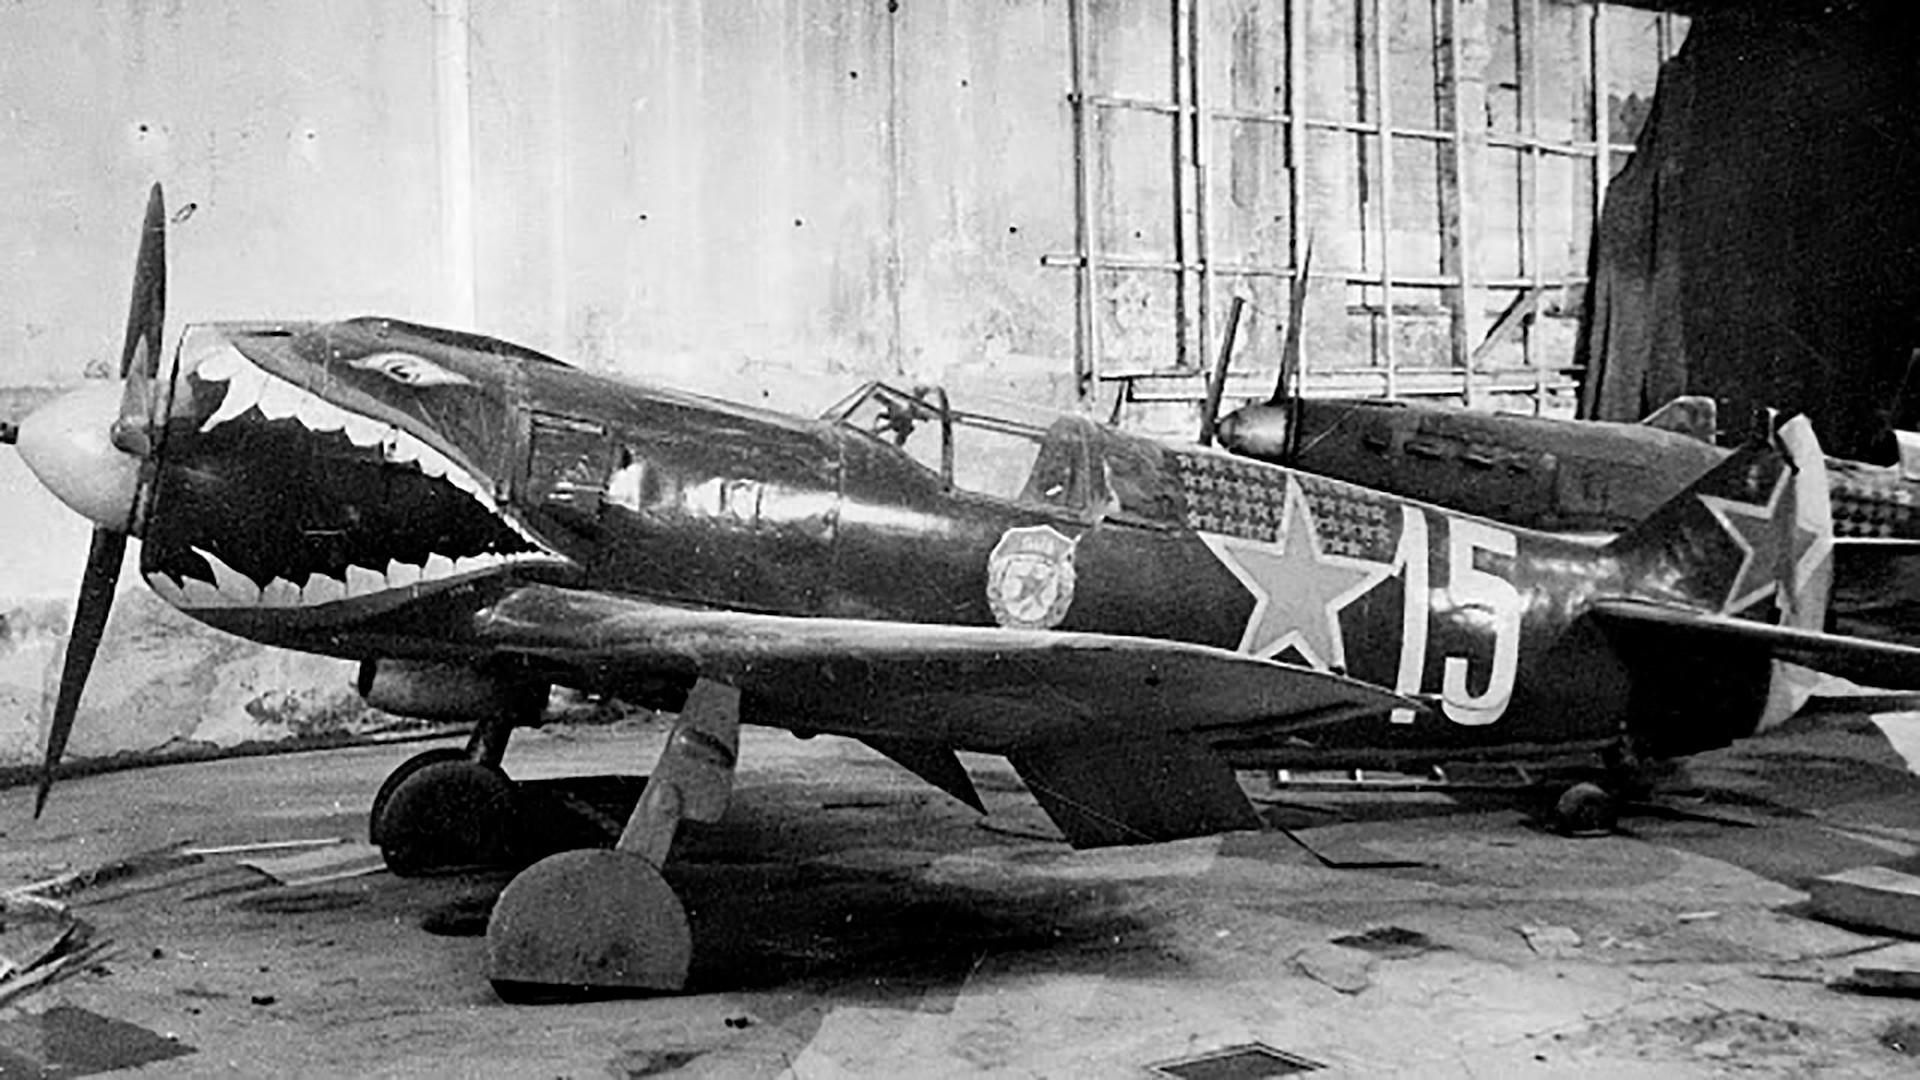 Тек кад је рат одмакао совјетски пилоти су за своје ловце почели да осмишљавају занимљивије и провокативније цртеже.